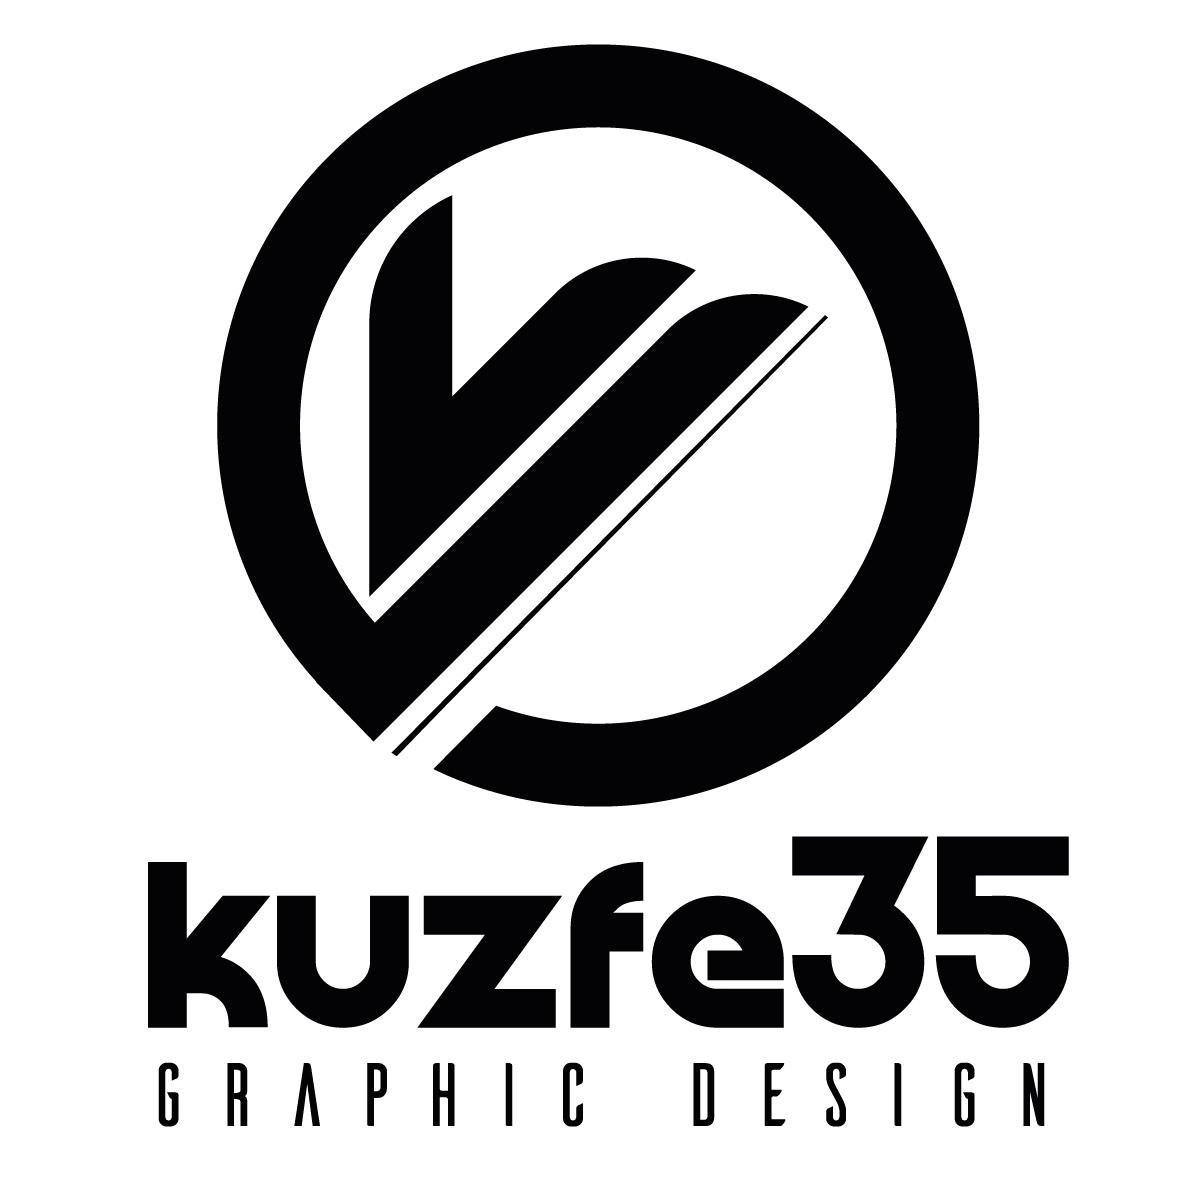 kuzfe35